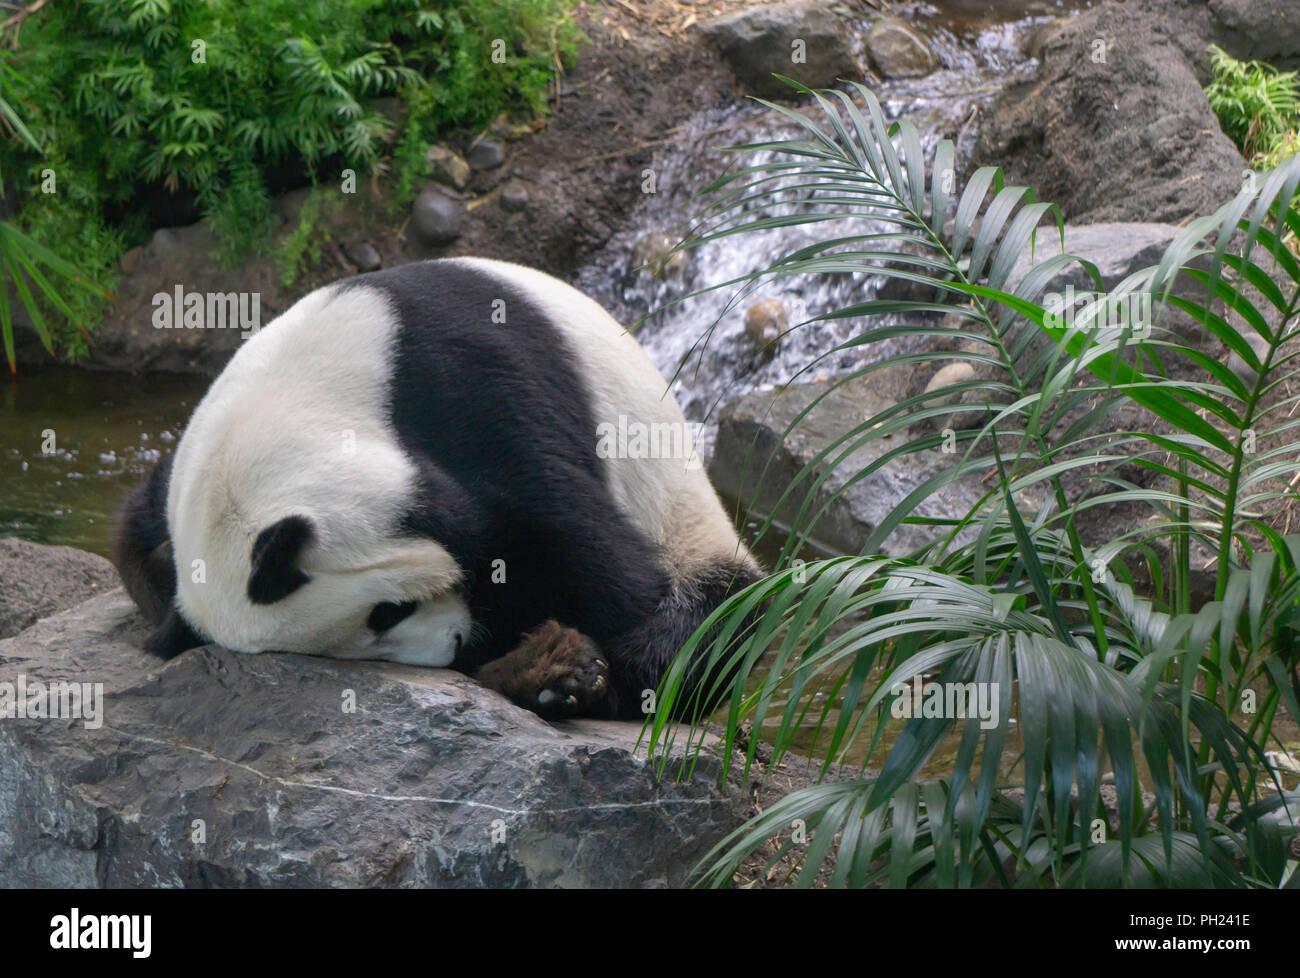 Panda gigante en el Zoológico de Calgary, Alberta, Canadá Imagen De Stock